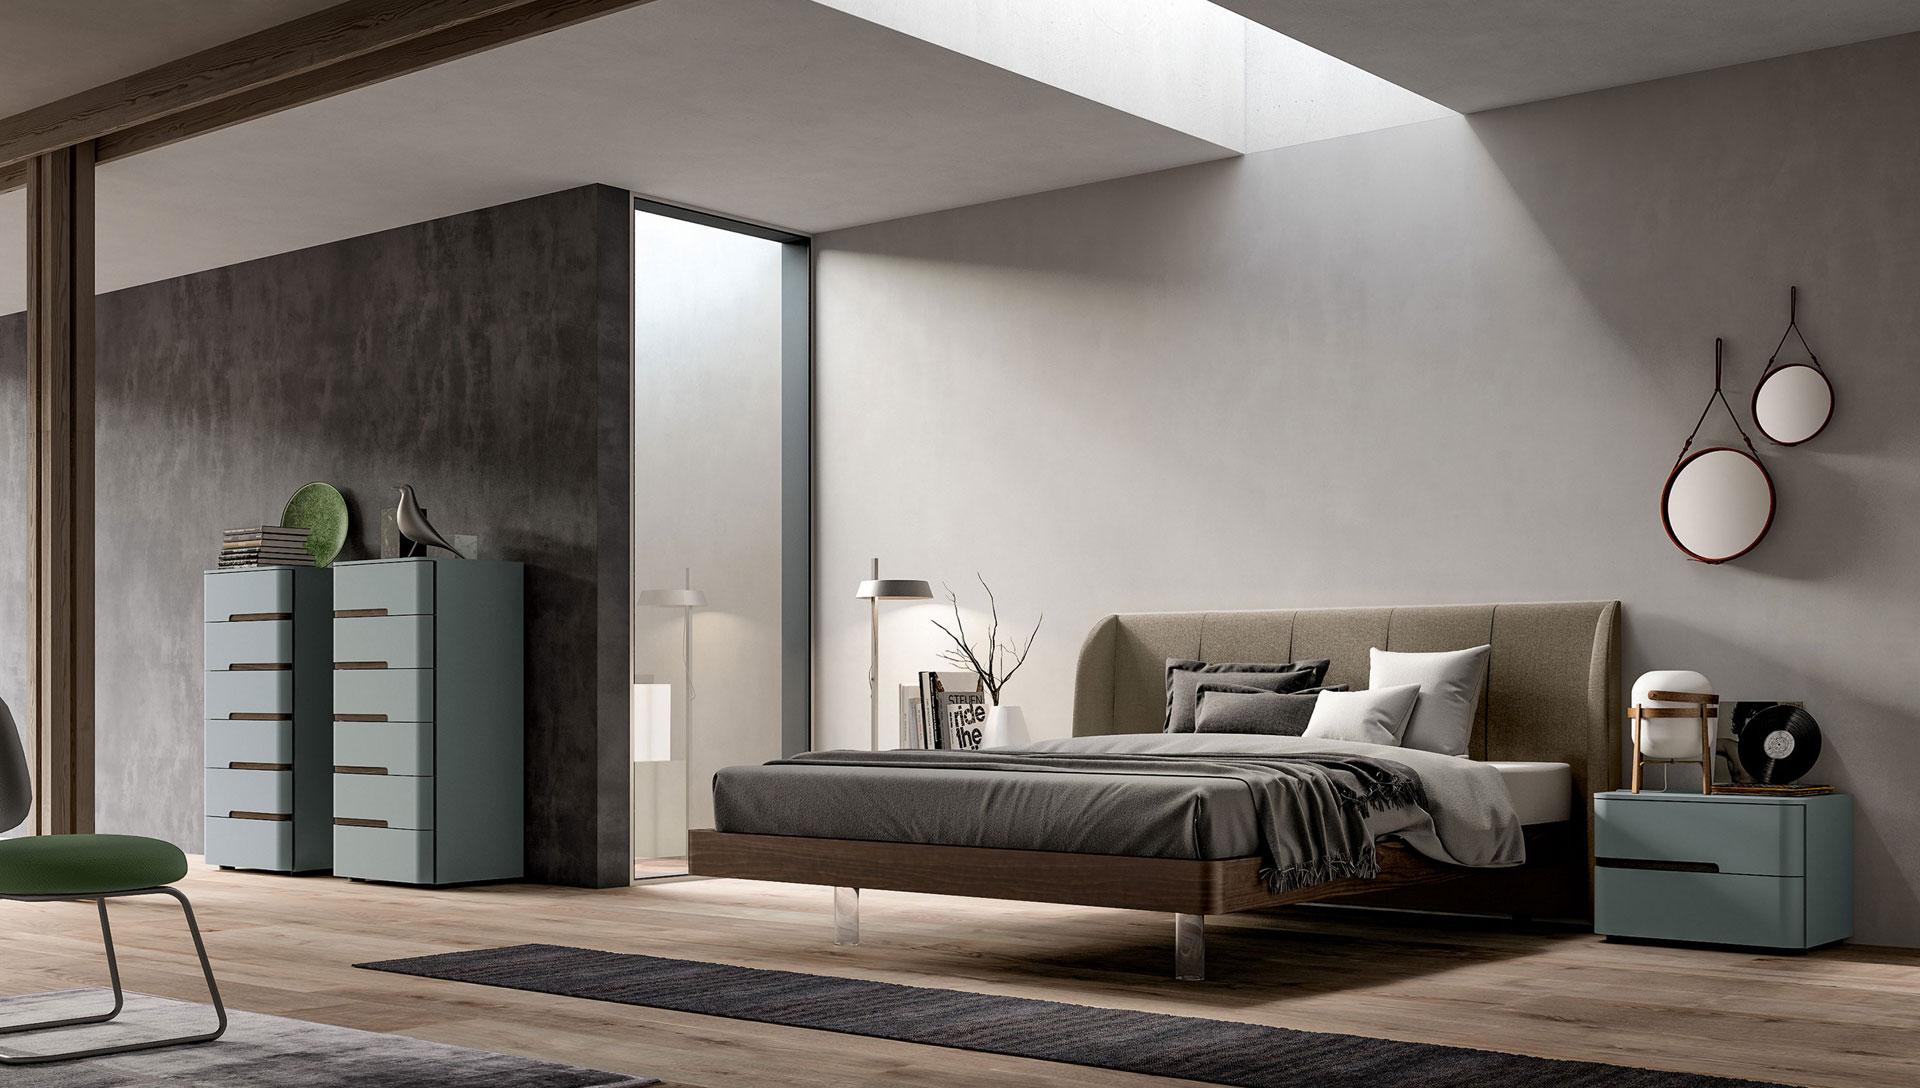 zona-notte-santalucia-comodus-arredamenti-nicoletti-interni-interior-design-divani-complementi-arredo-mobili-design-accessori-matera